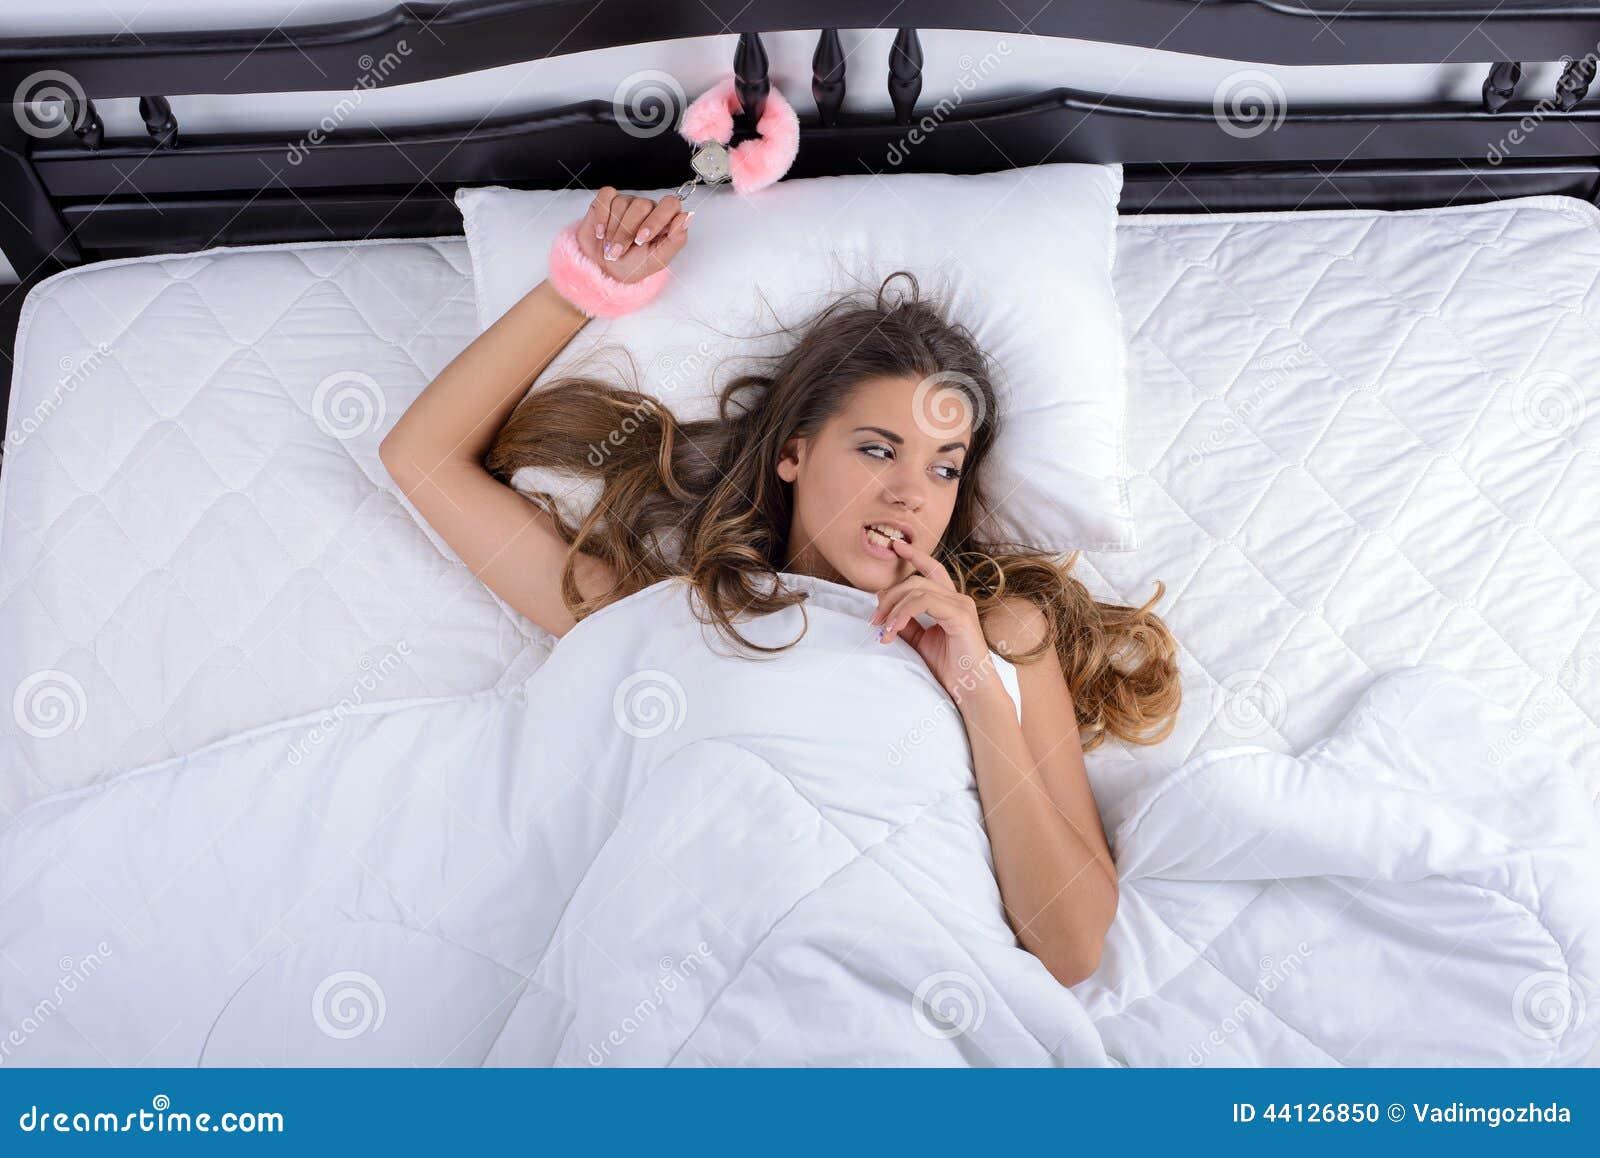 Фото мужчины в наручниках на кровати